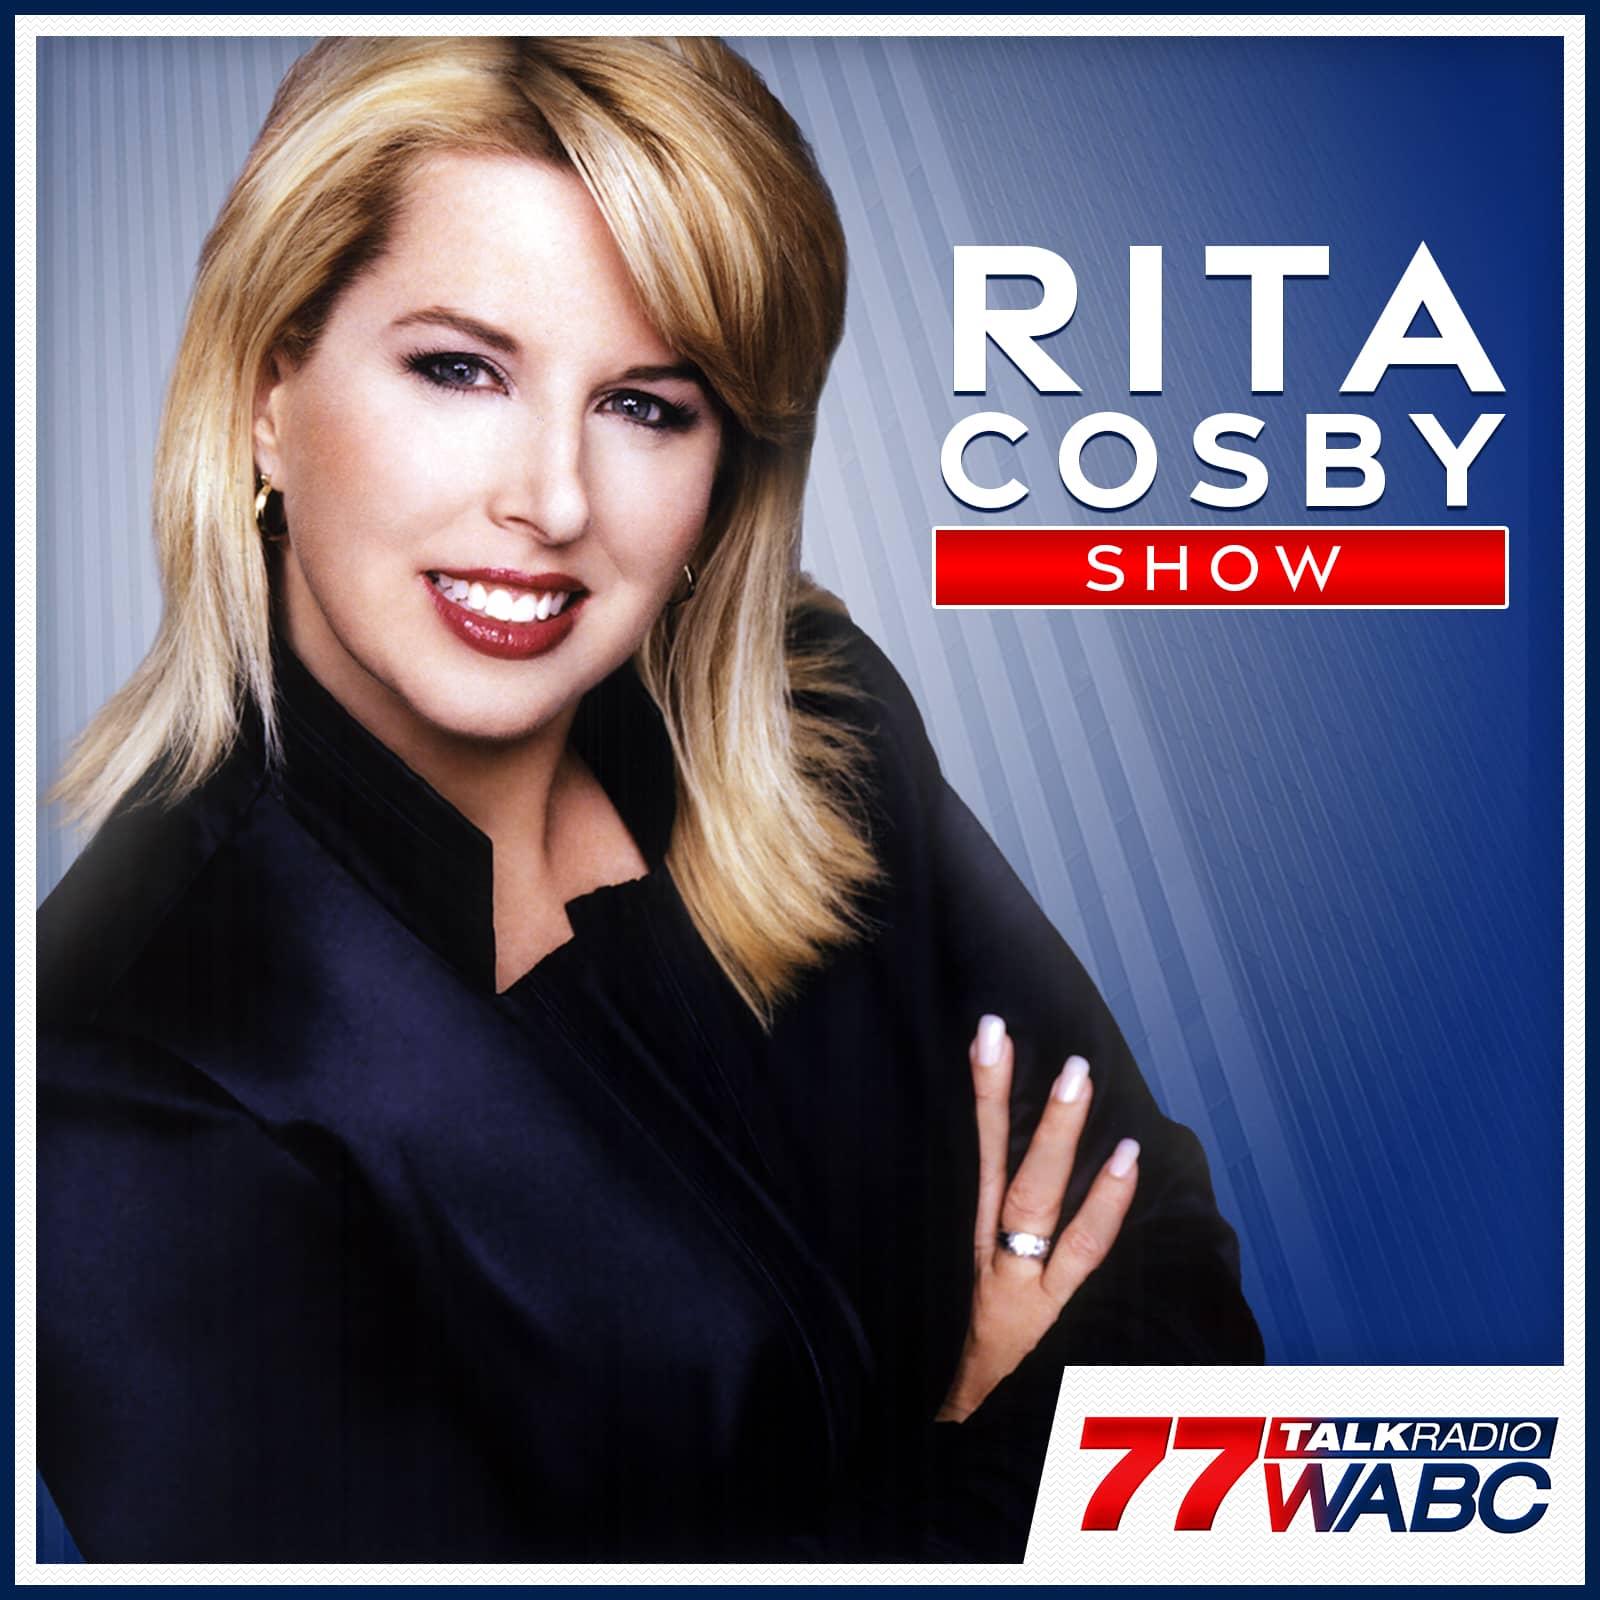 Rita-Cosby-Podcast